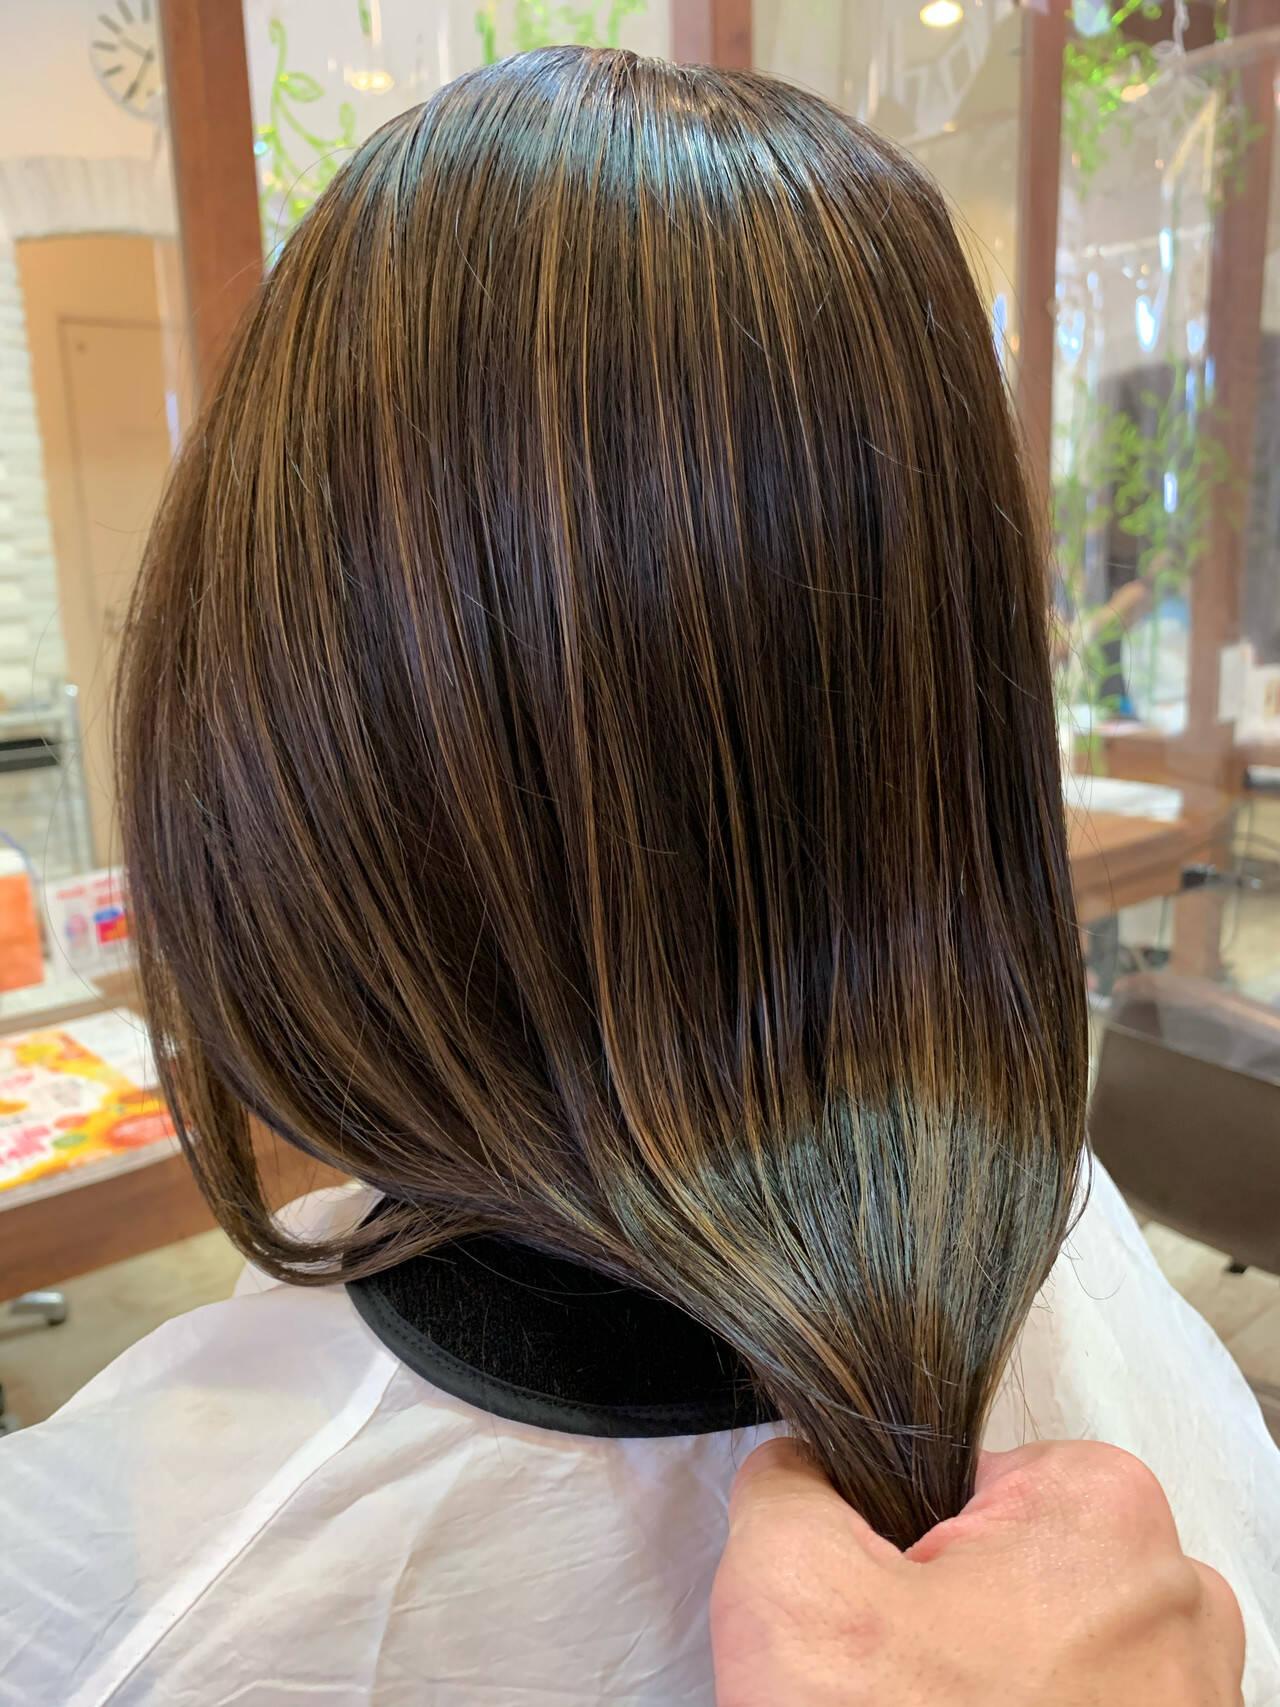 大人ハイライト ハイライト 極細ハイライト ロングヘアスタイルや髪型の写真・画像